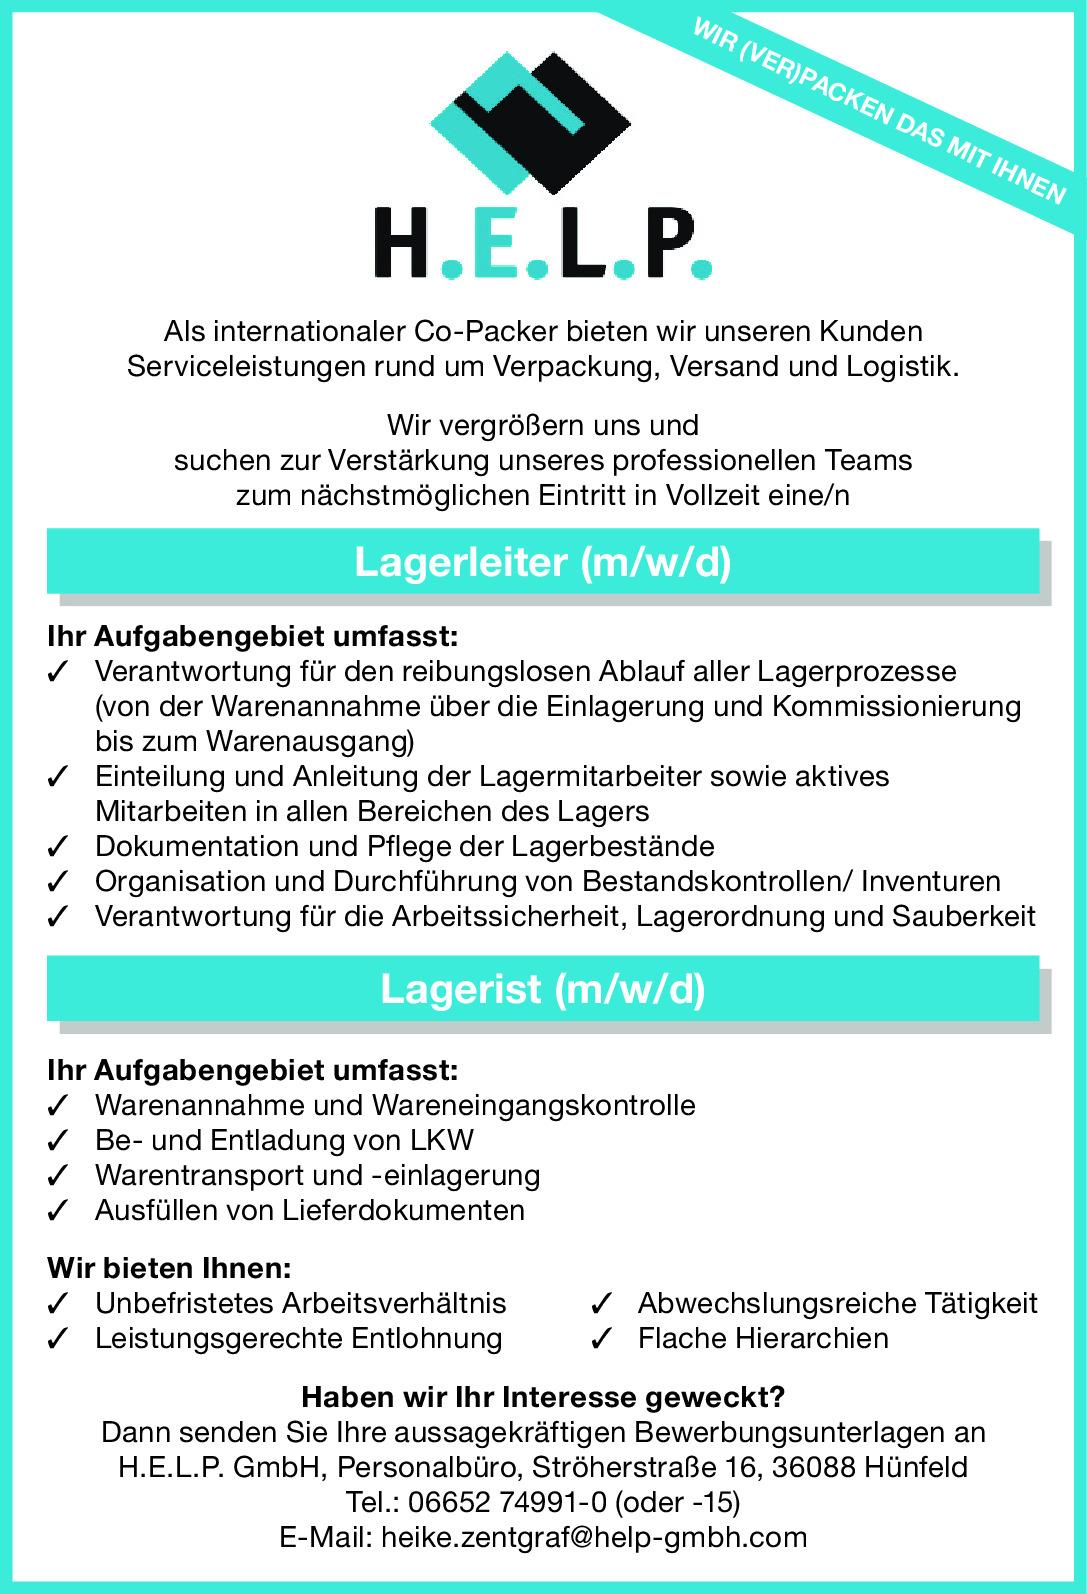 Lagerleiter (m/w/d) / Lagerist (m/w/d)